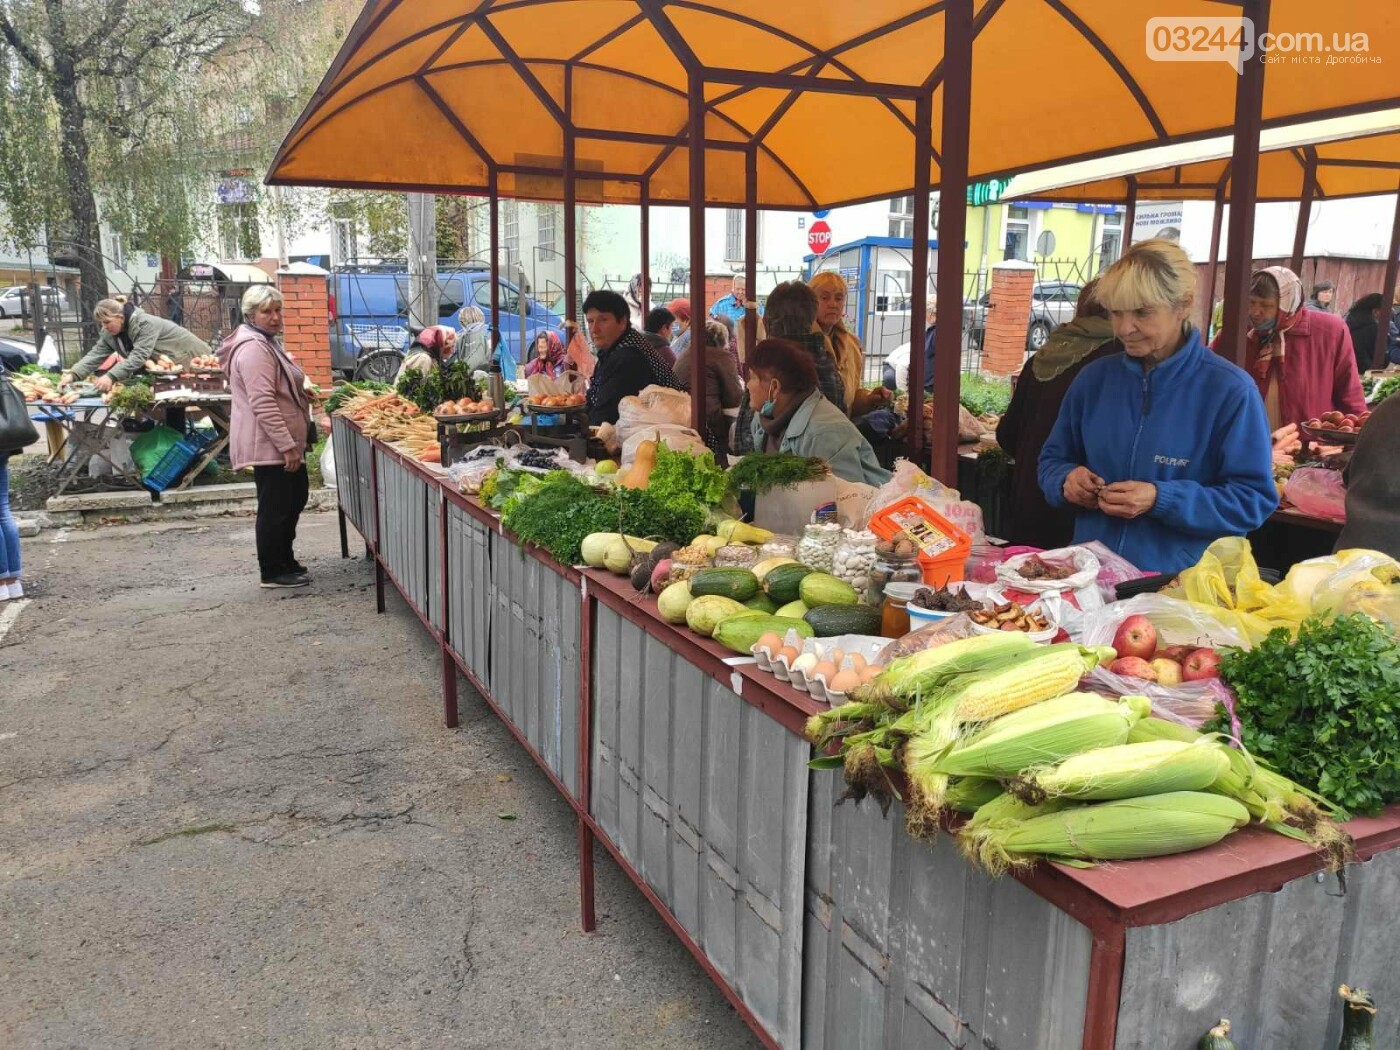 У Дрогобичі зрушення - стихійні торговці із Ковальської перейшли на новооблаштований ринок, - ФОТОРЕПОРТАЖ, фото-5